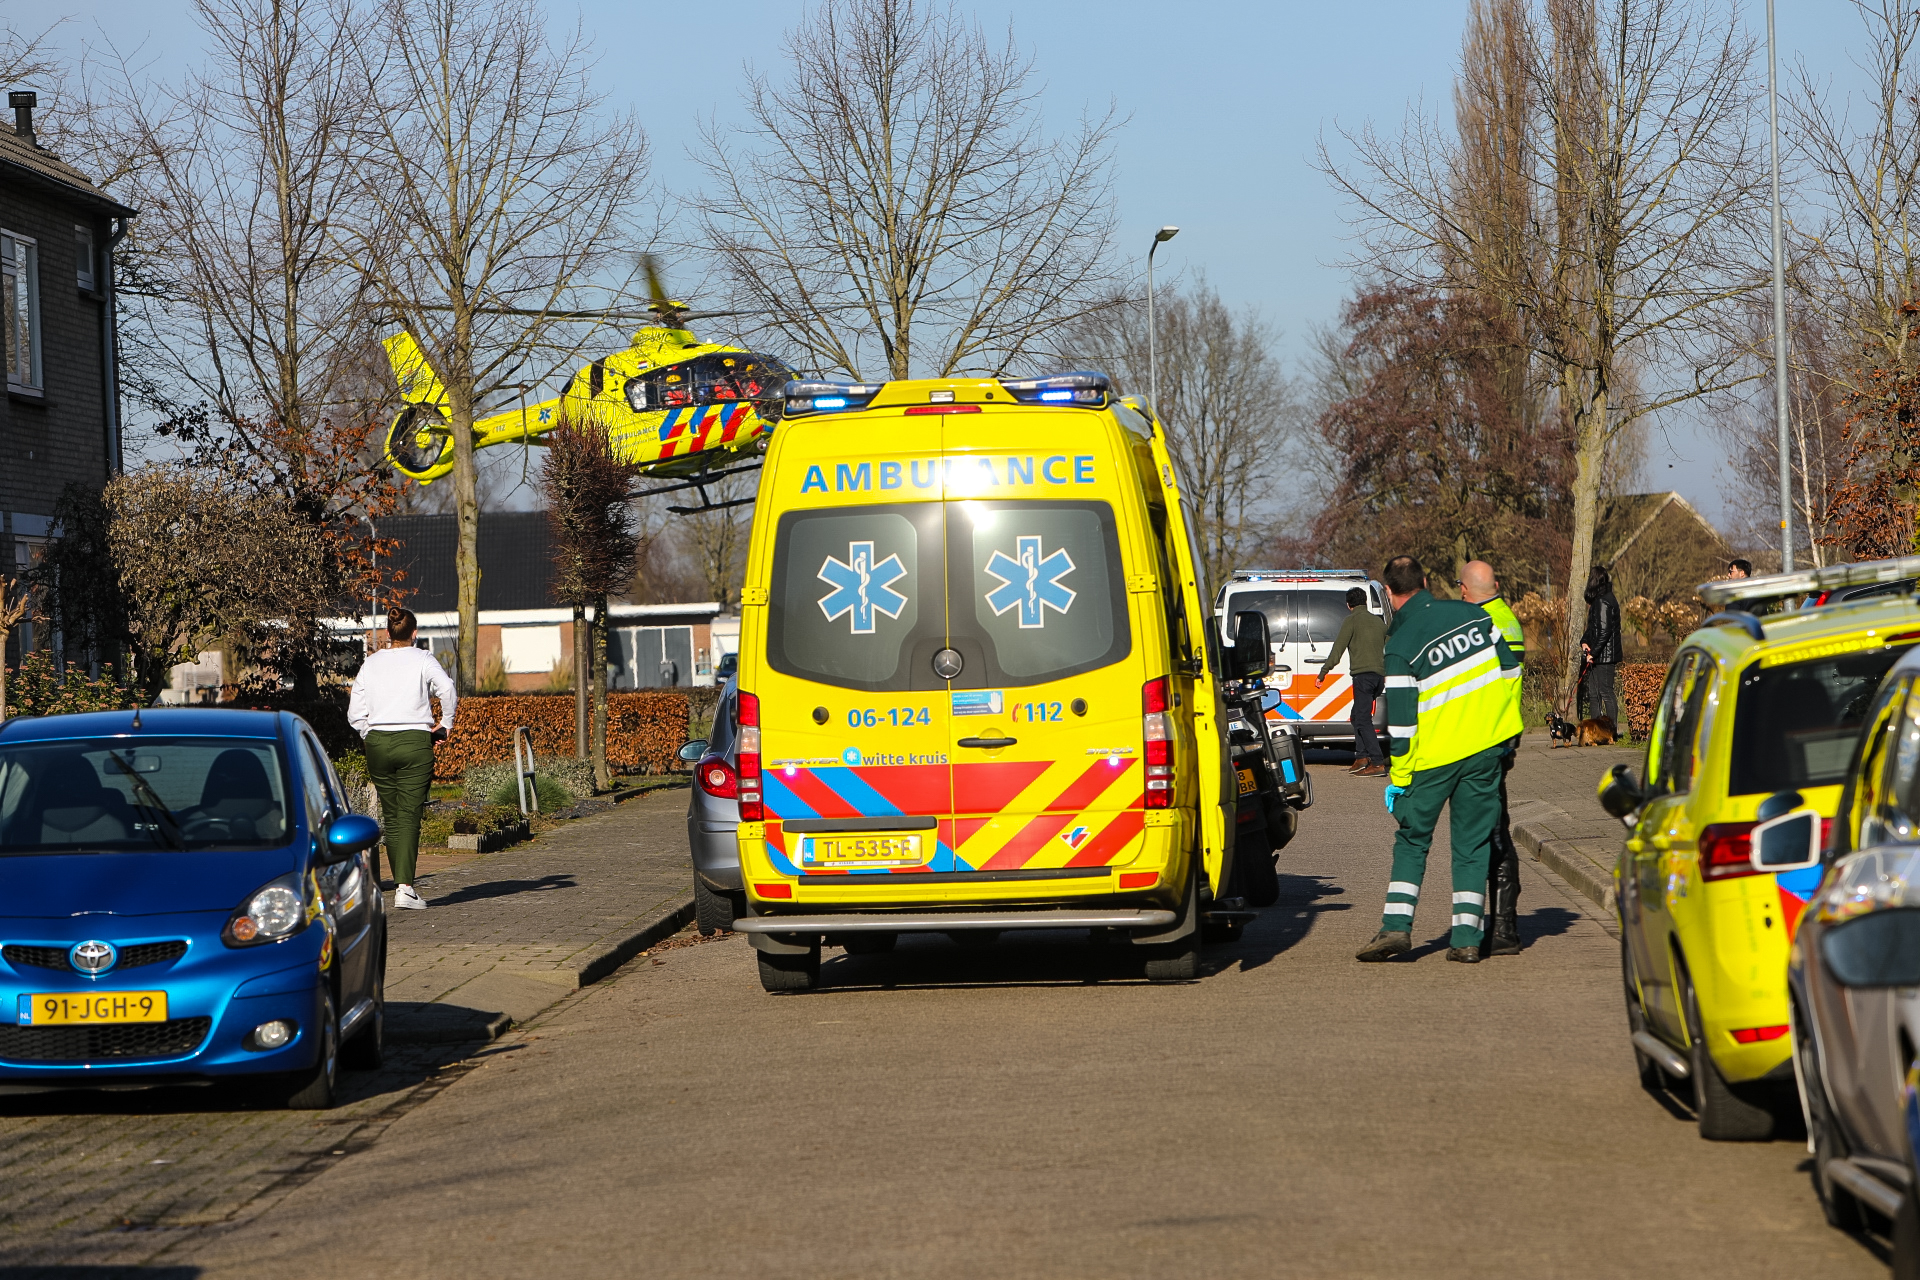 Persoon valt uit raam; traumahelikopter ingezet